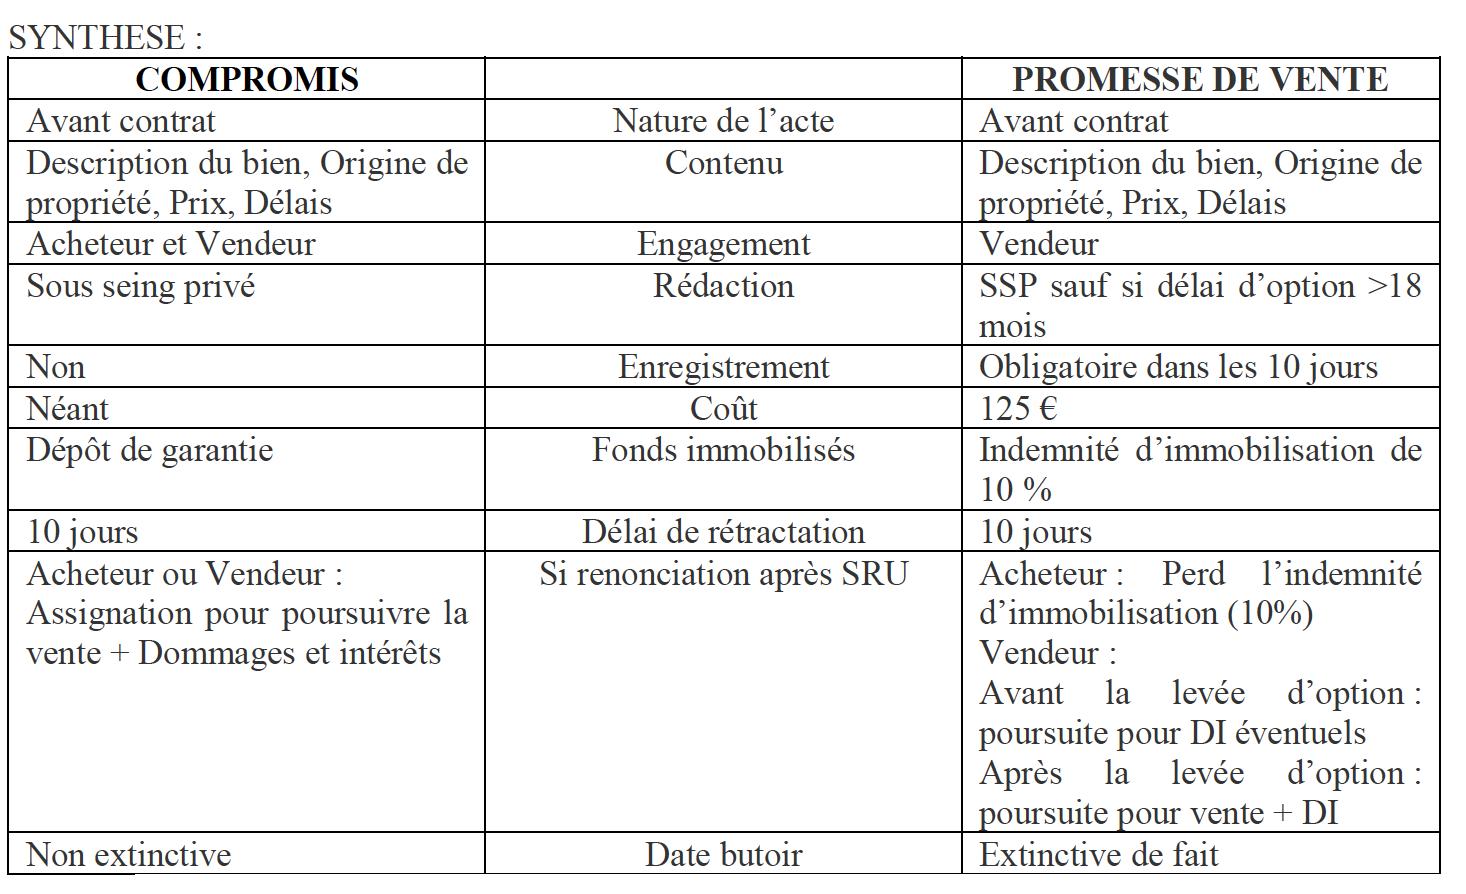 Focus Sur Le Compromis Et La Promesse De Vente La Page Immo